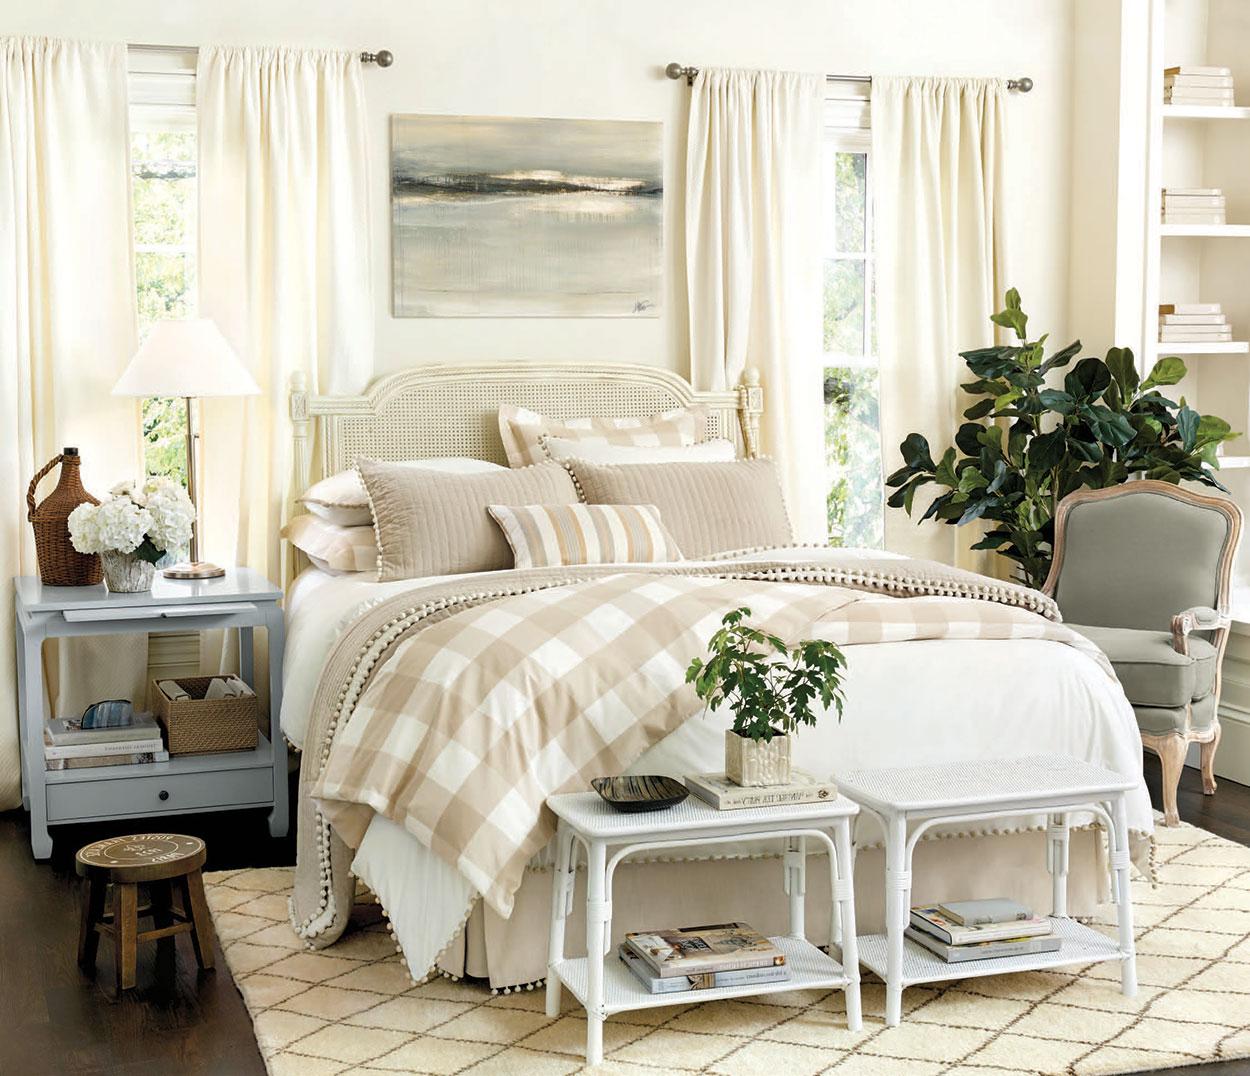 Bedroom Design 7 | Buyer Select